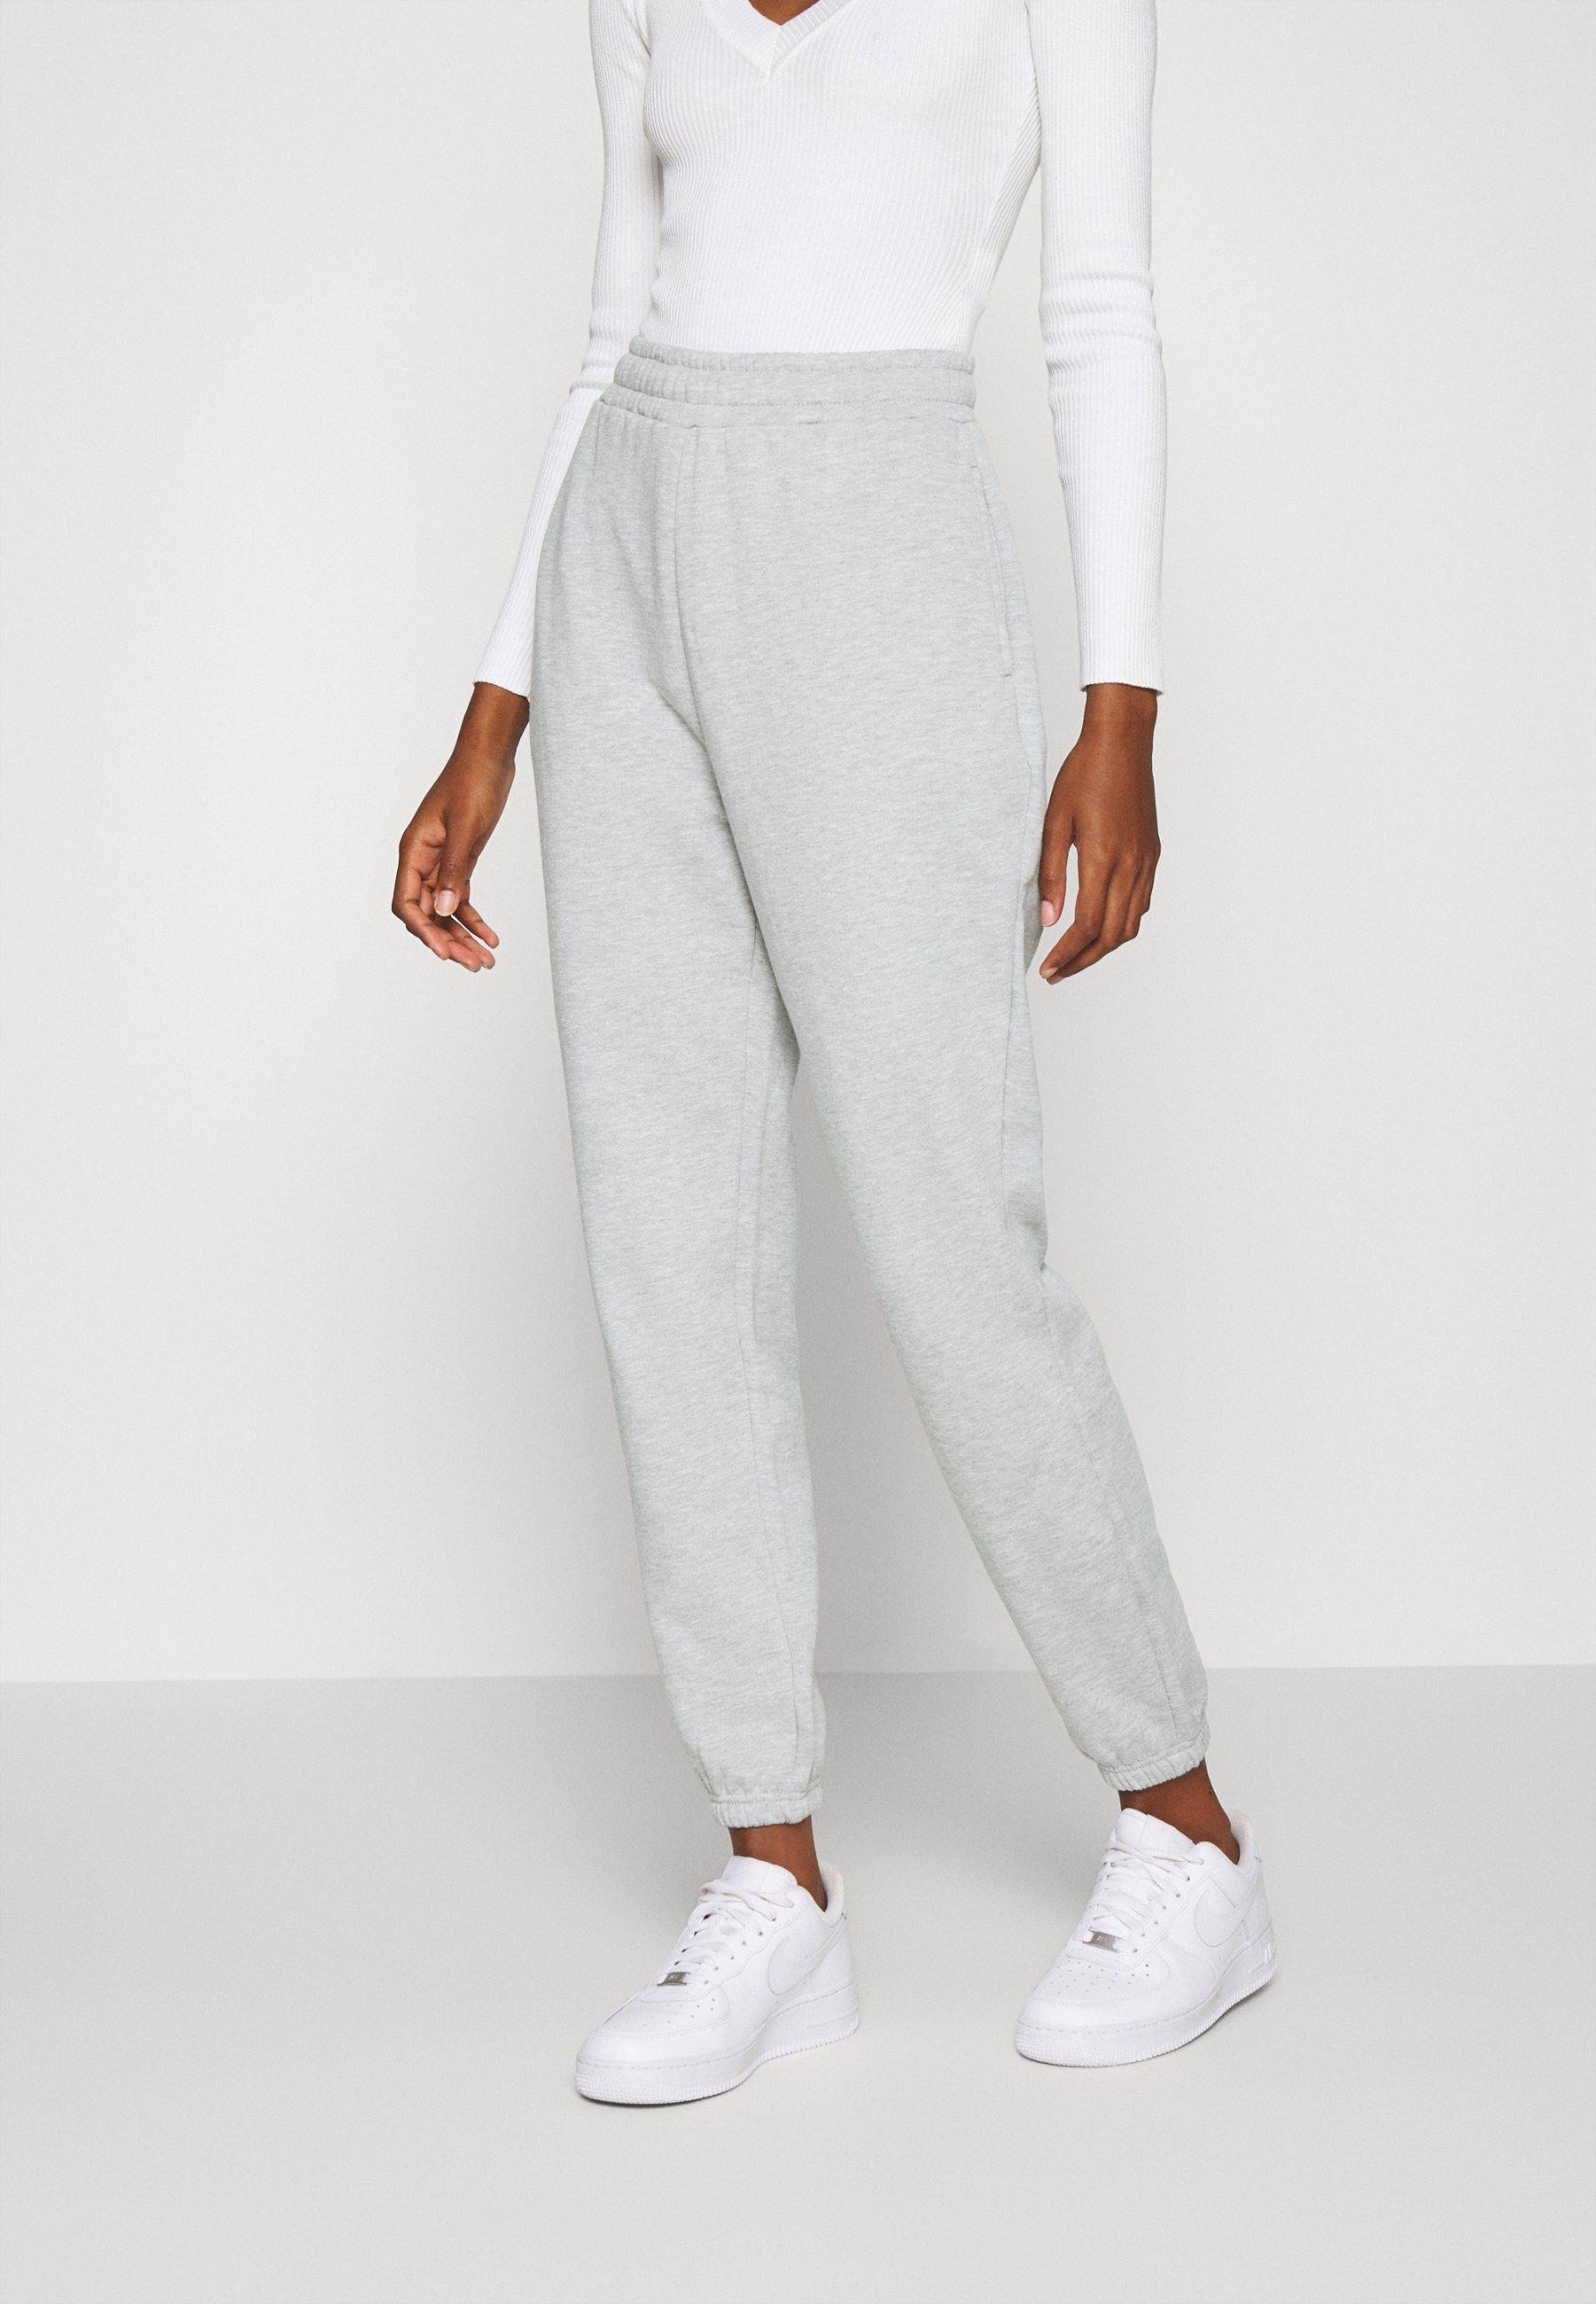 Bukser & shorts | Dame | Nye bukser på nett hos Zalando